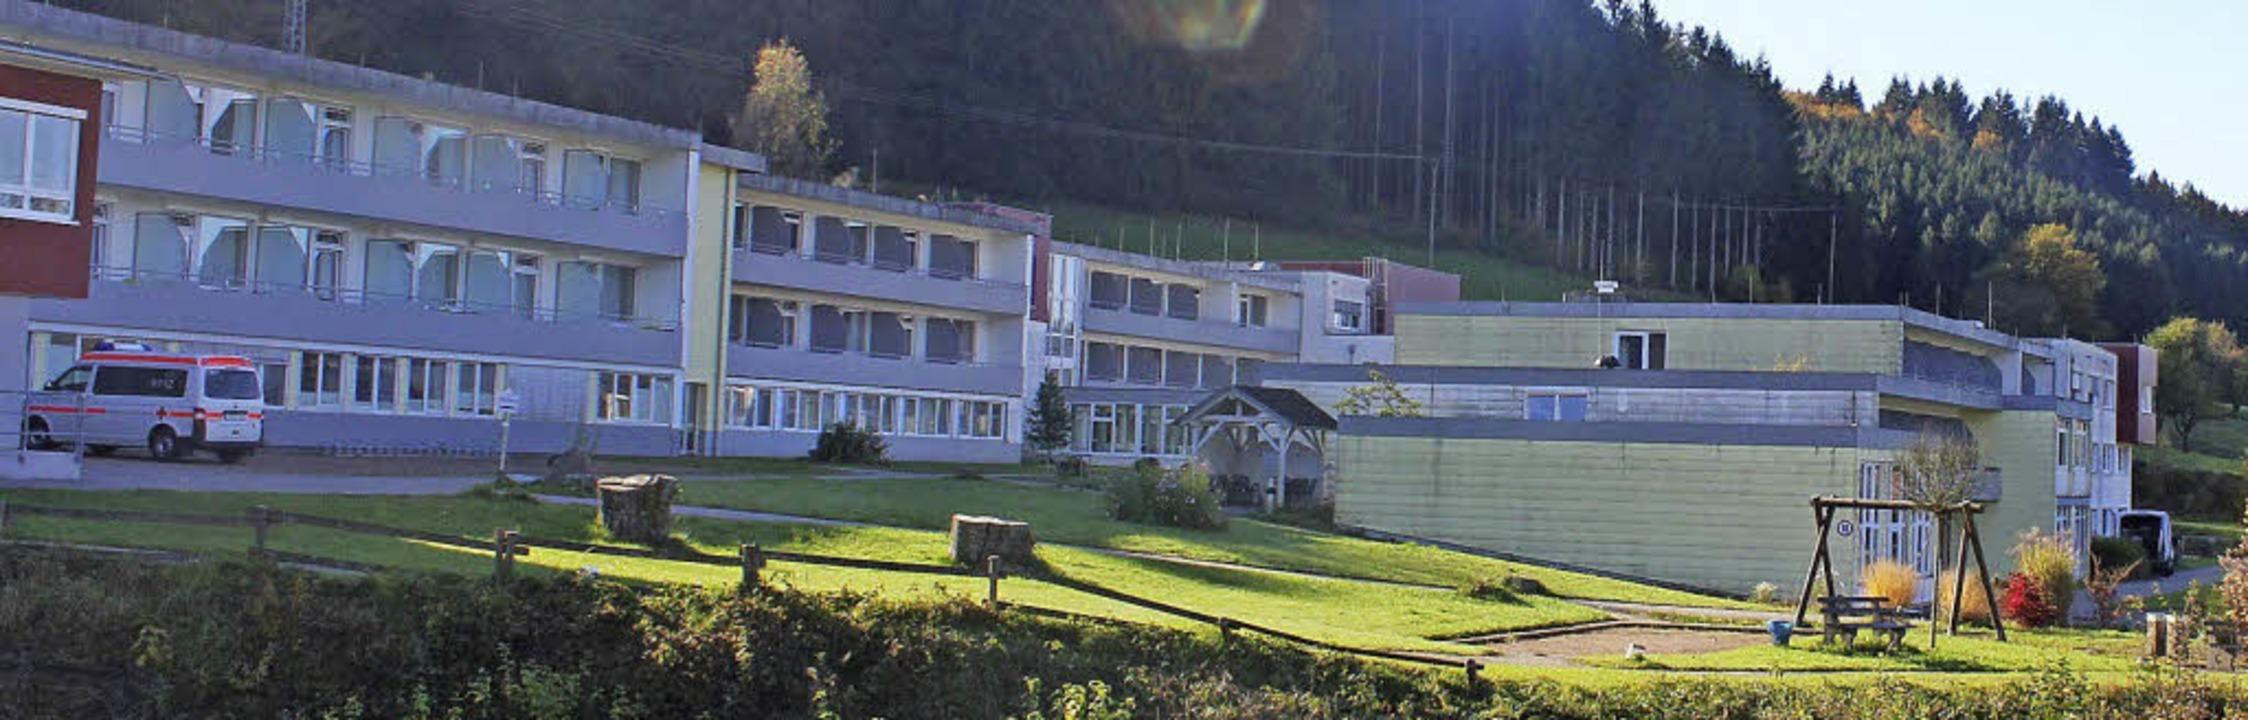 Die BDH-Klinik in Elzach ist mittlerwe...entrum für die neurologische Medizin.   | Foto: Fackler